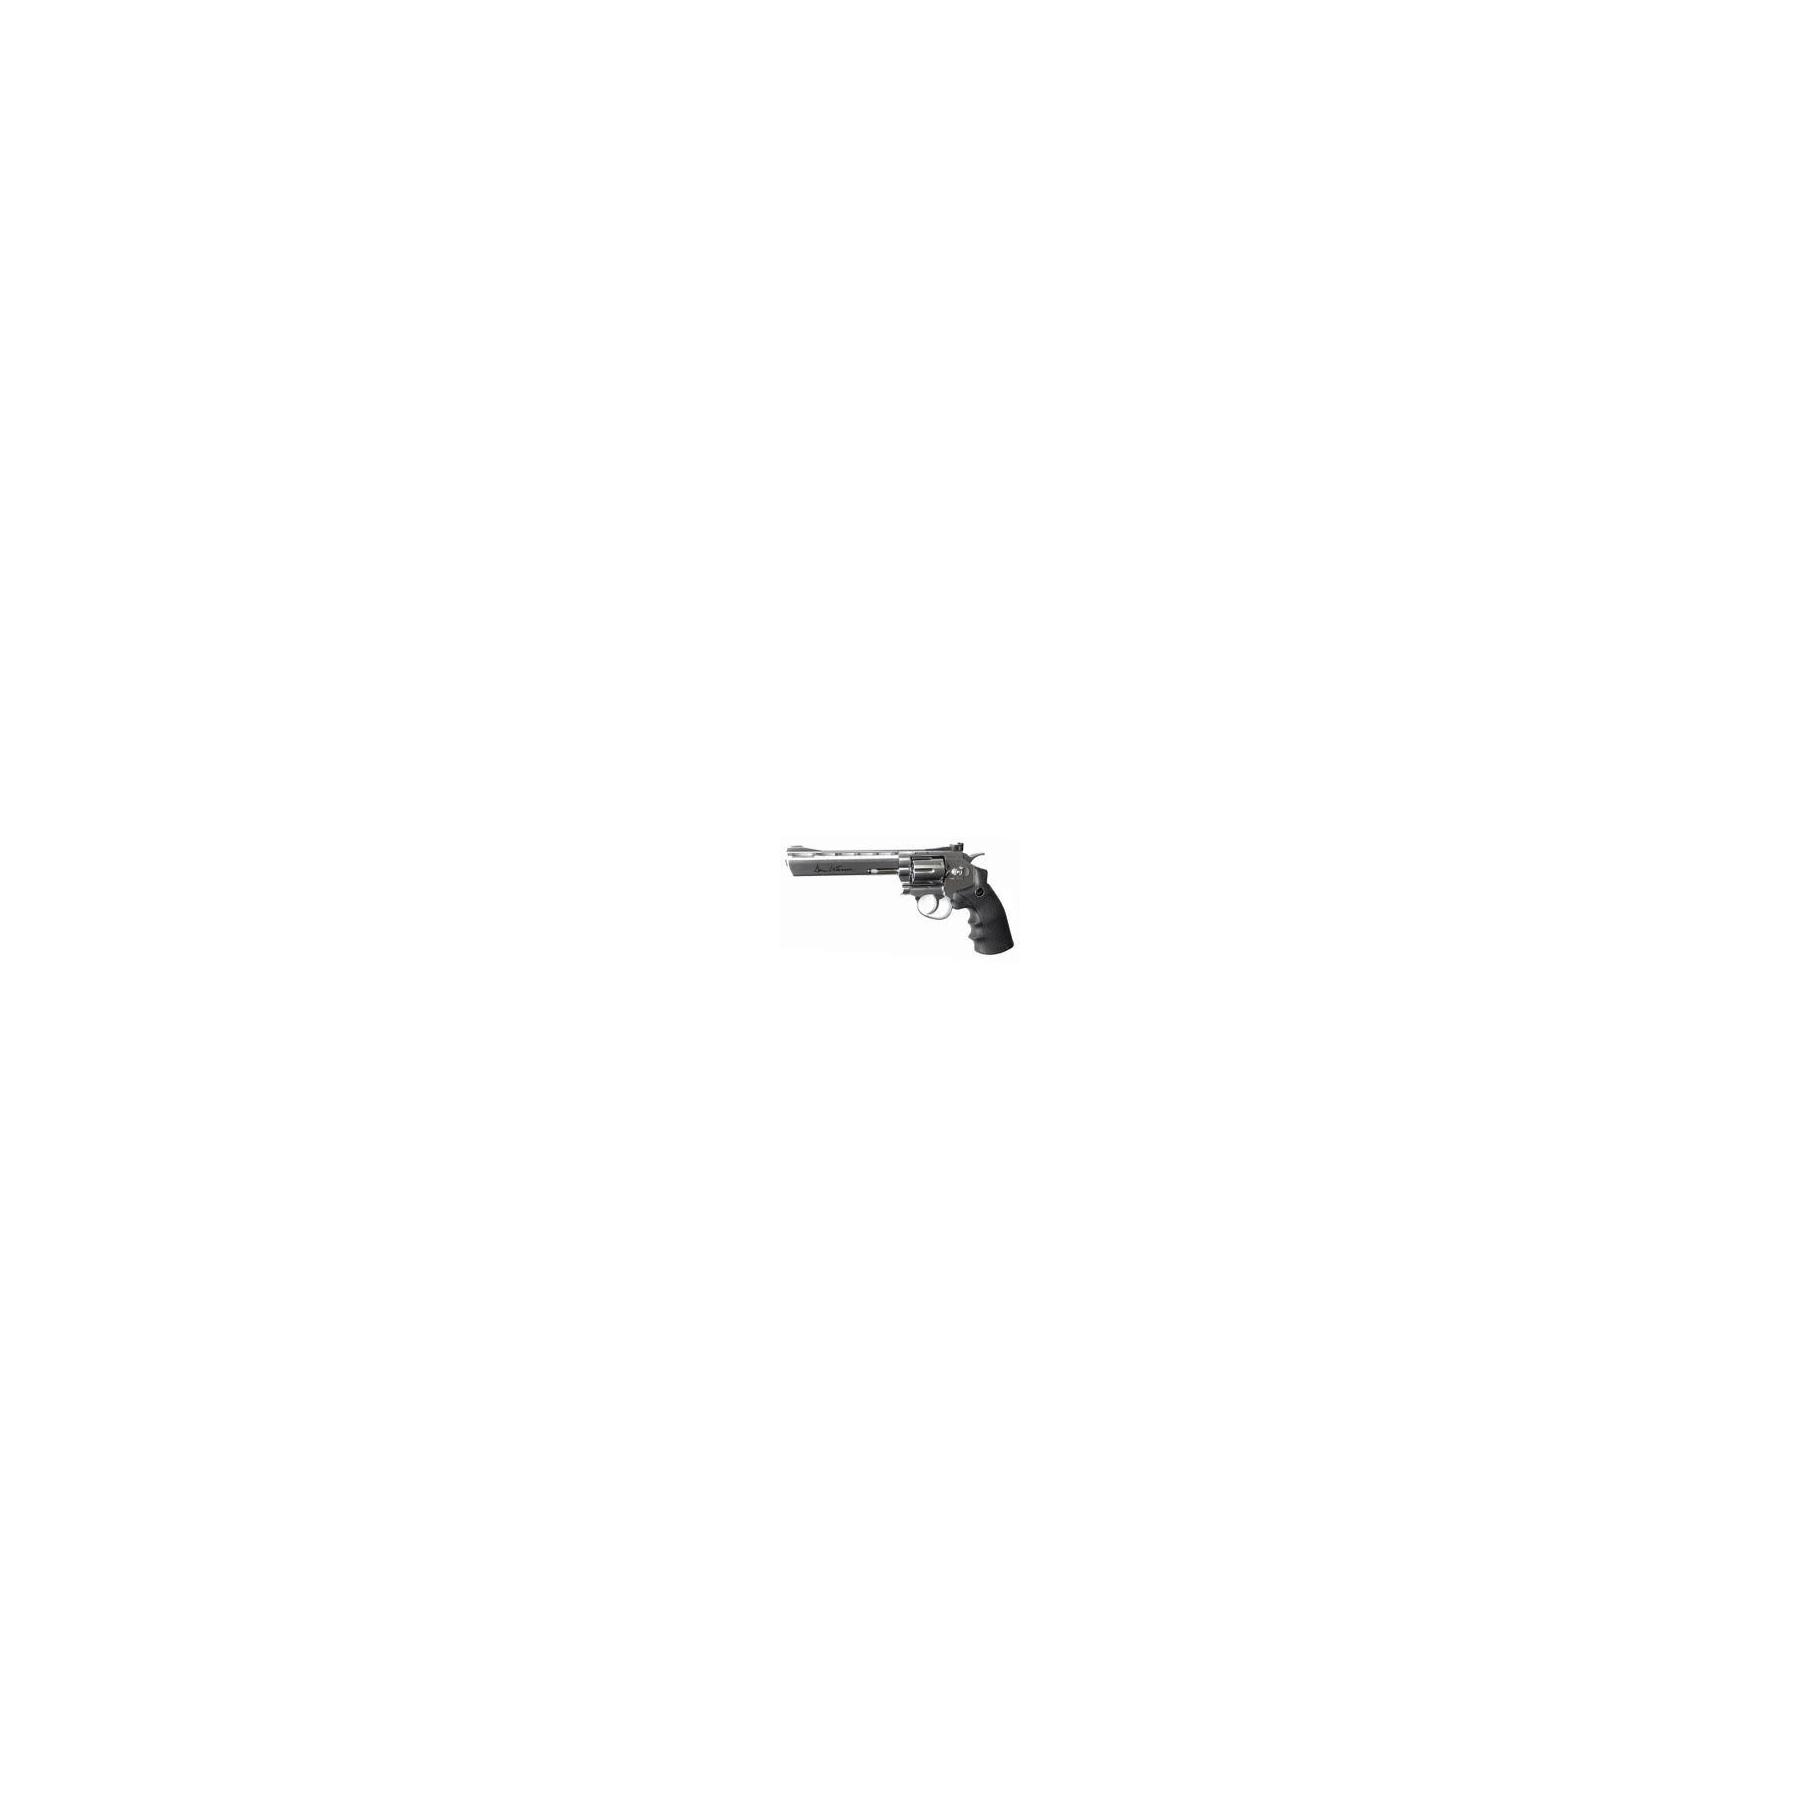 ASG DAN WESSON 6'' SILVER 4.50MM